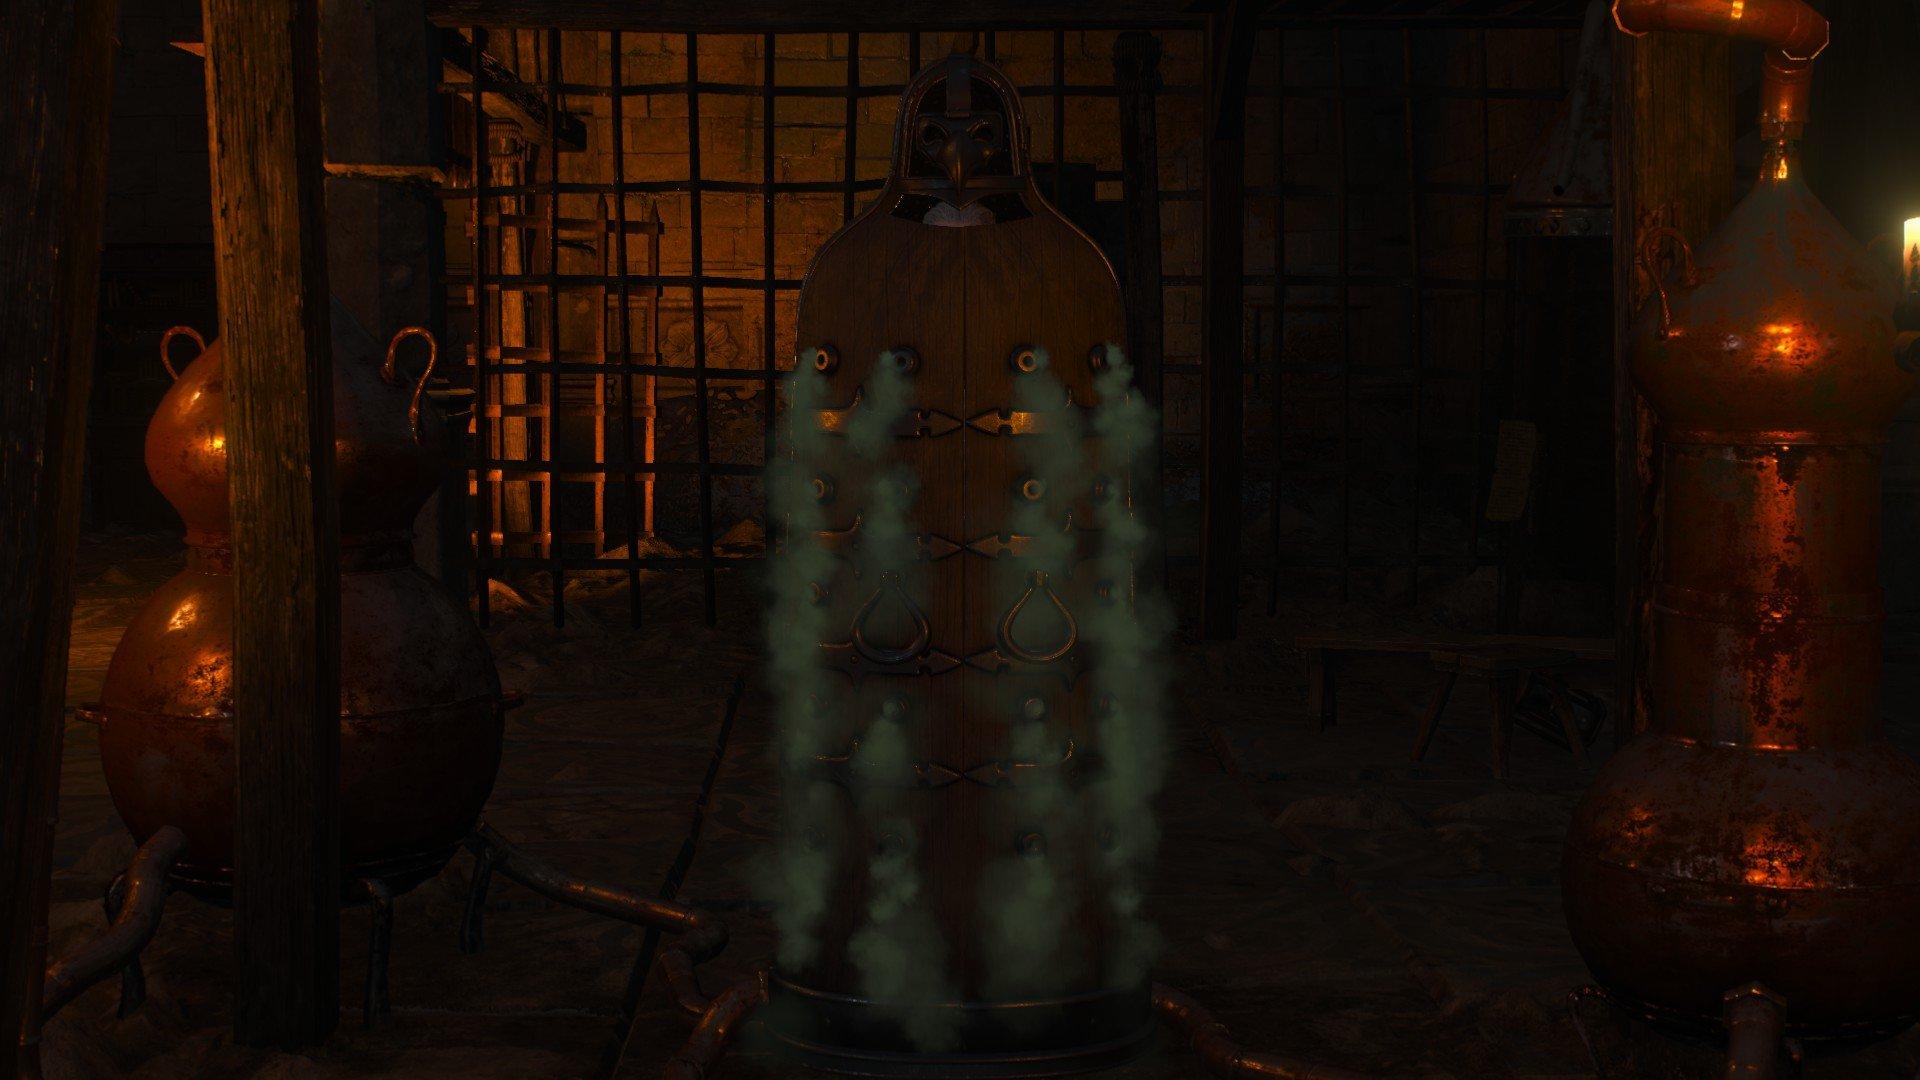 Вопль-прохождение Witcher 3: Кровь и Вино ... НАЧАЛО [ВНИМАНИЕ, ВОЗМОЖНЫ СПОЙЛЕРЫ] - Изображение 28